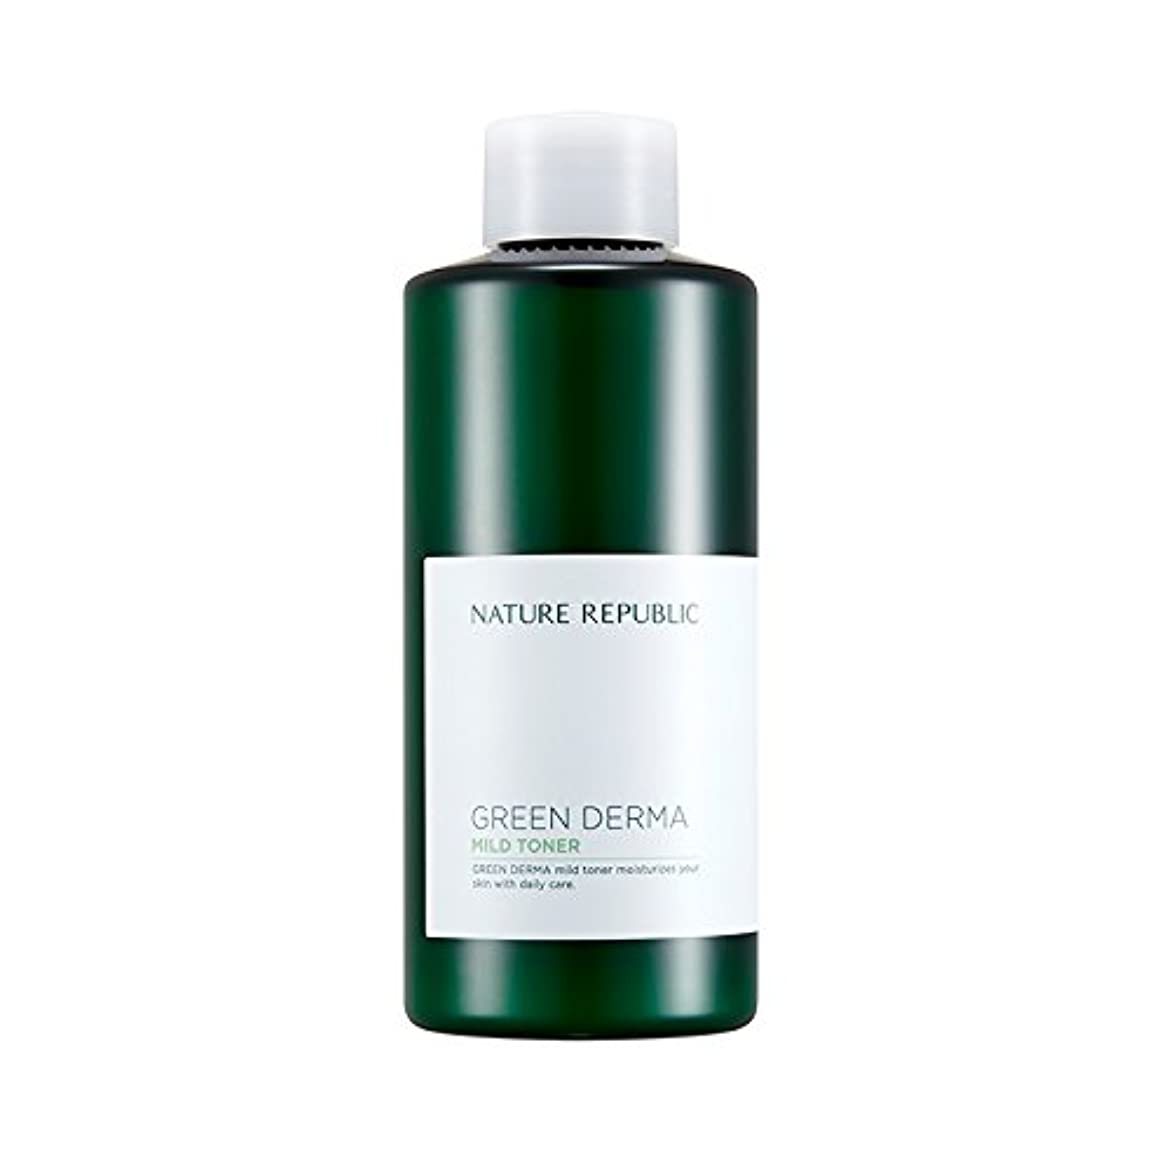 トリッキーチャート等NATURE REPUBLIC Green Derma Mild Toner / ネイチャーリパブリック グリーンダーママイルドトナー 200ml [並行輸入品]